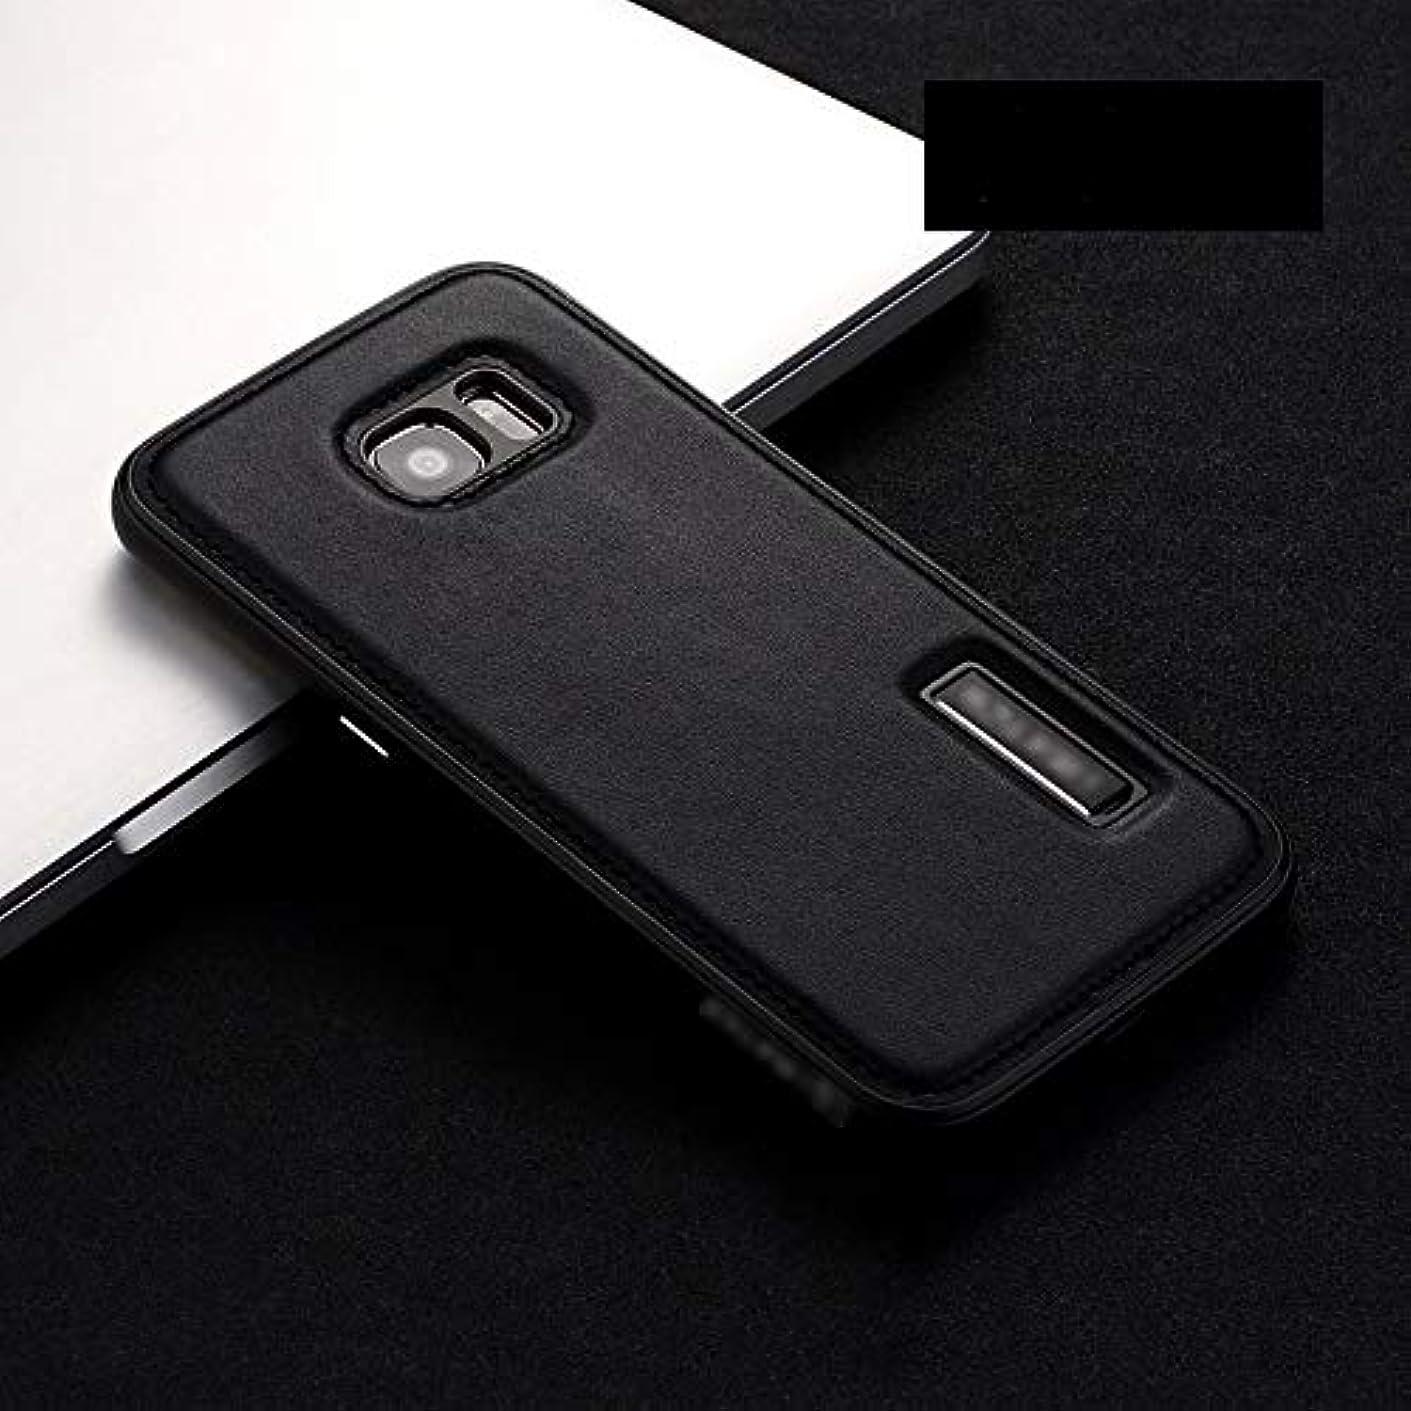 啓示追加する発明Tonglilili 携帯電話ケース、サムスンS6エッジ、S6、S7エッジ、S7、注5、注8、S8、S8プラス用新しいレザーケースメタル落下防止ブラケットプロテクター電話ケース (Color : 黒, Edition : S6)